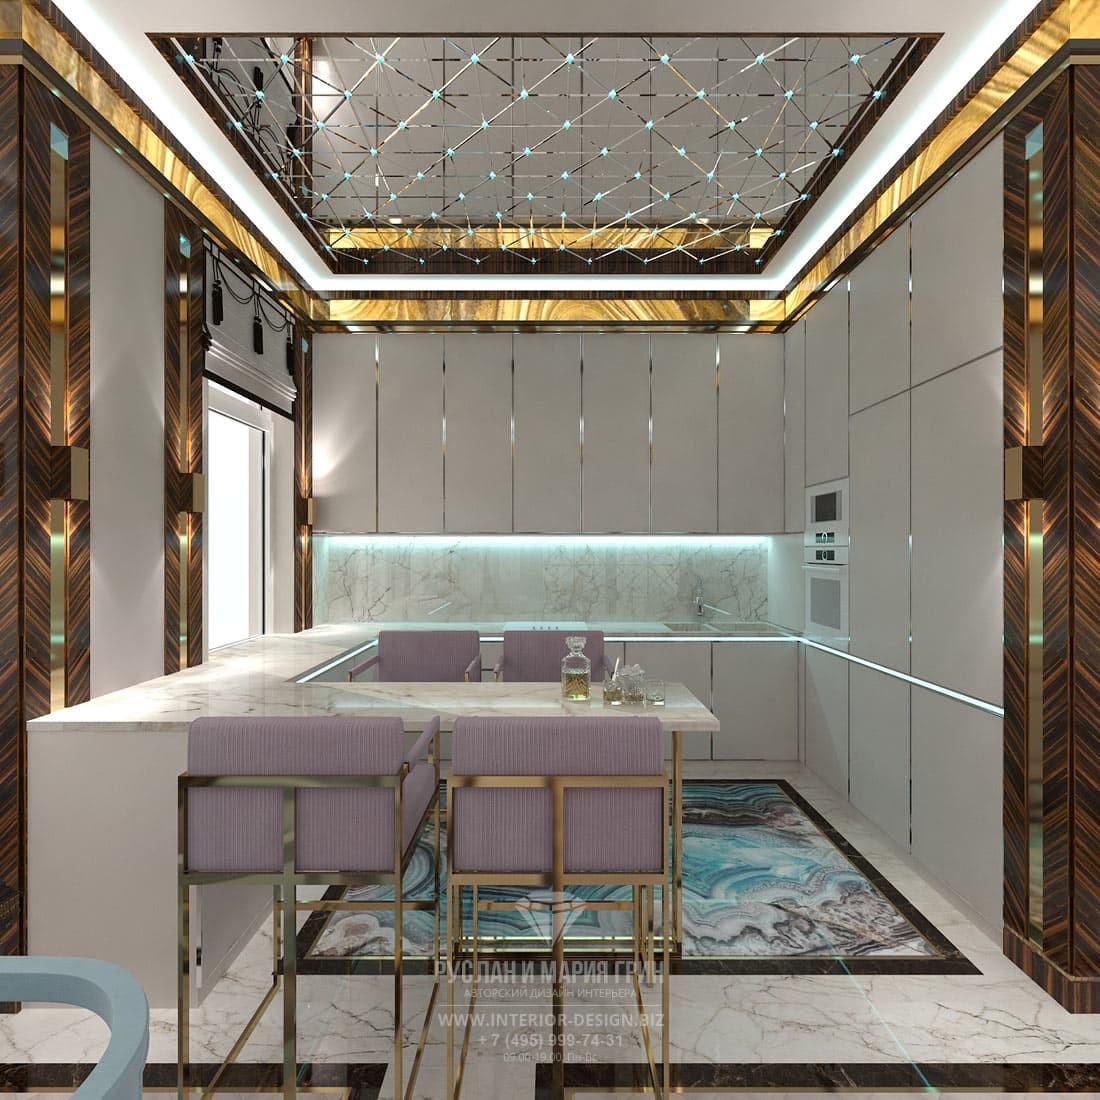 Дизайн кухни в стиле арт-деко с П-образной планировкой